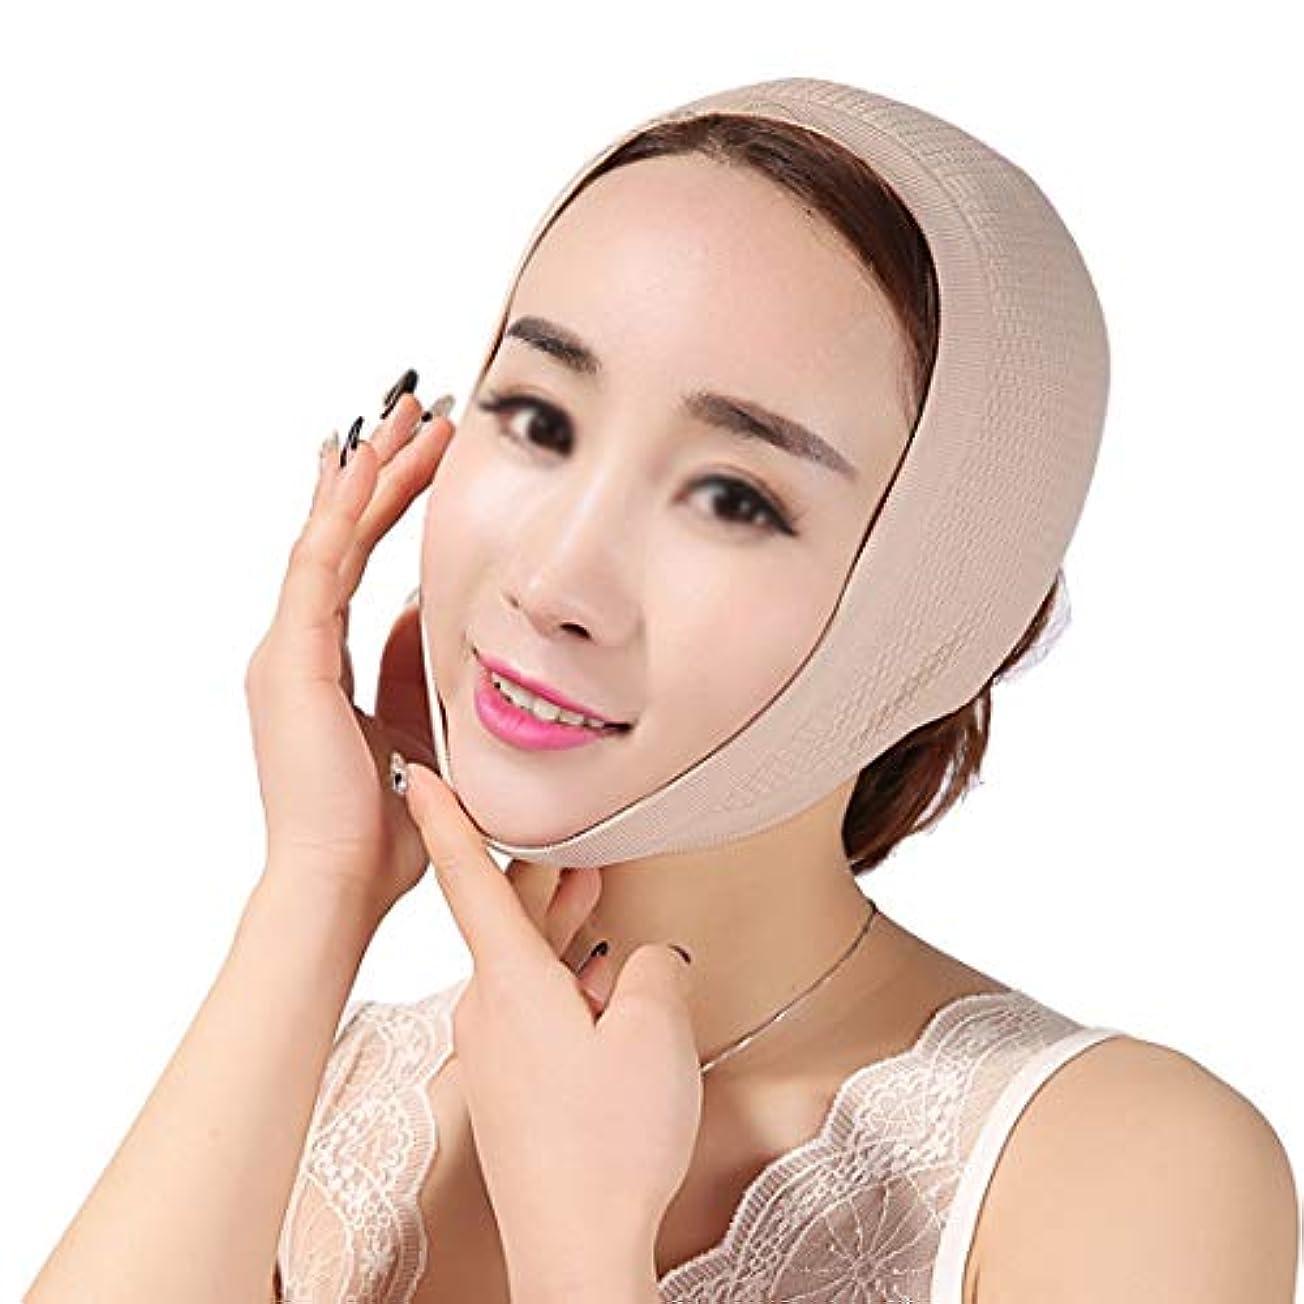 レジ木材四ZWBD フェイスマスク, フェイスリフティング包帯vフェイスリフトシンダブルチンシンフェイス包帯リフティング引き締め美容マッサージvフェイスシンフェイスマスク